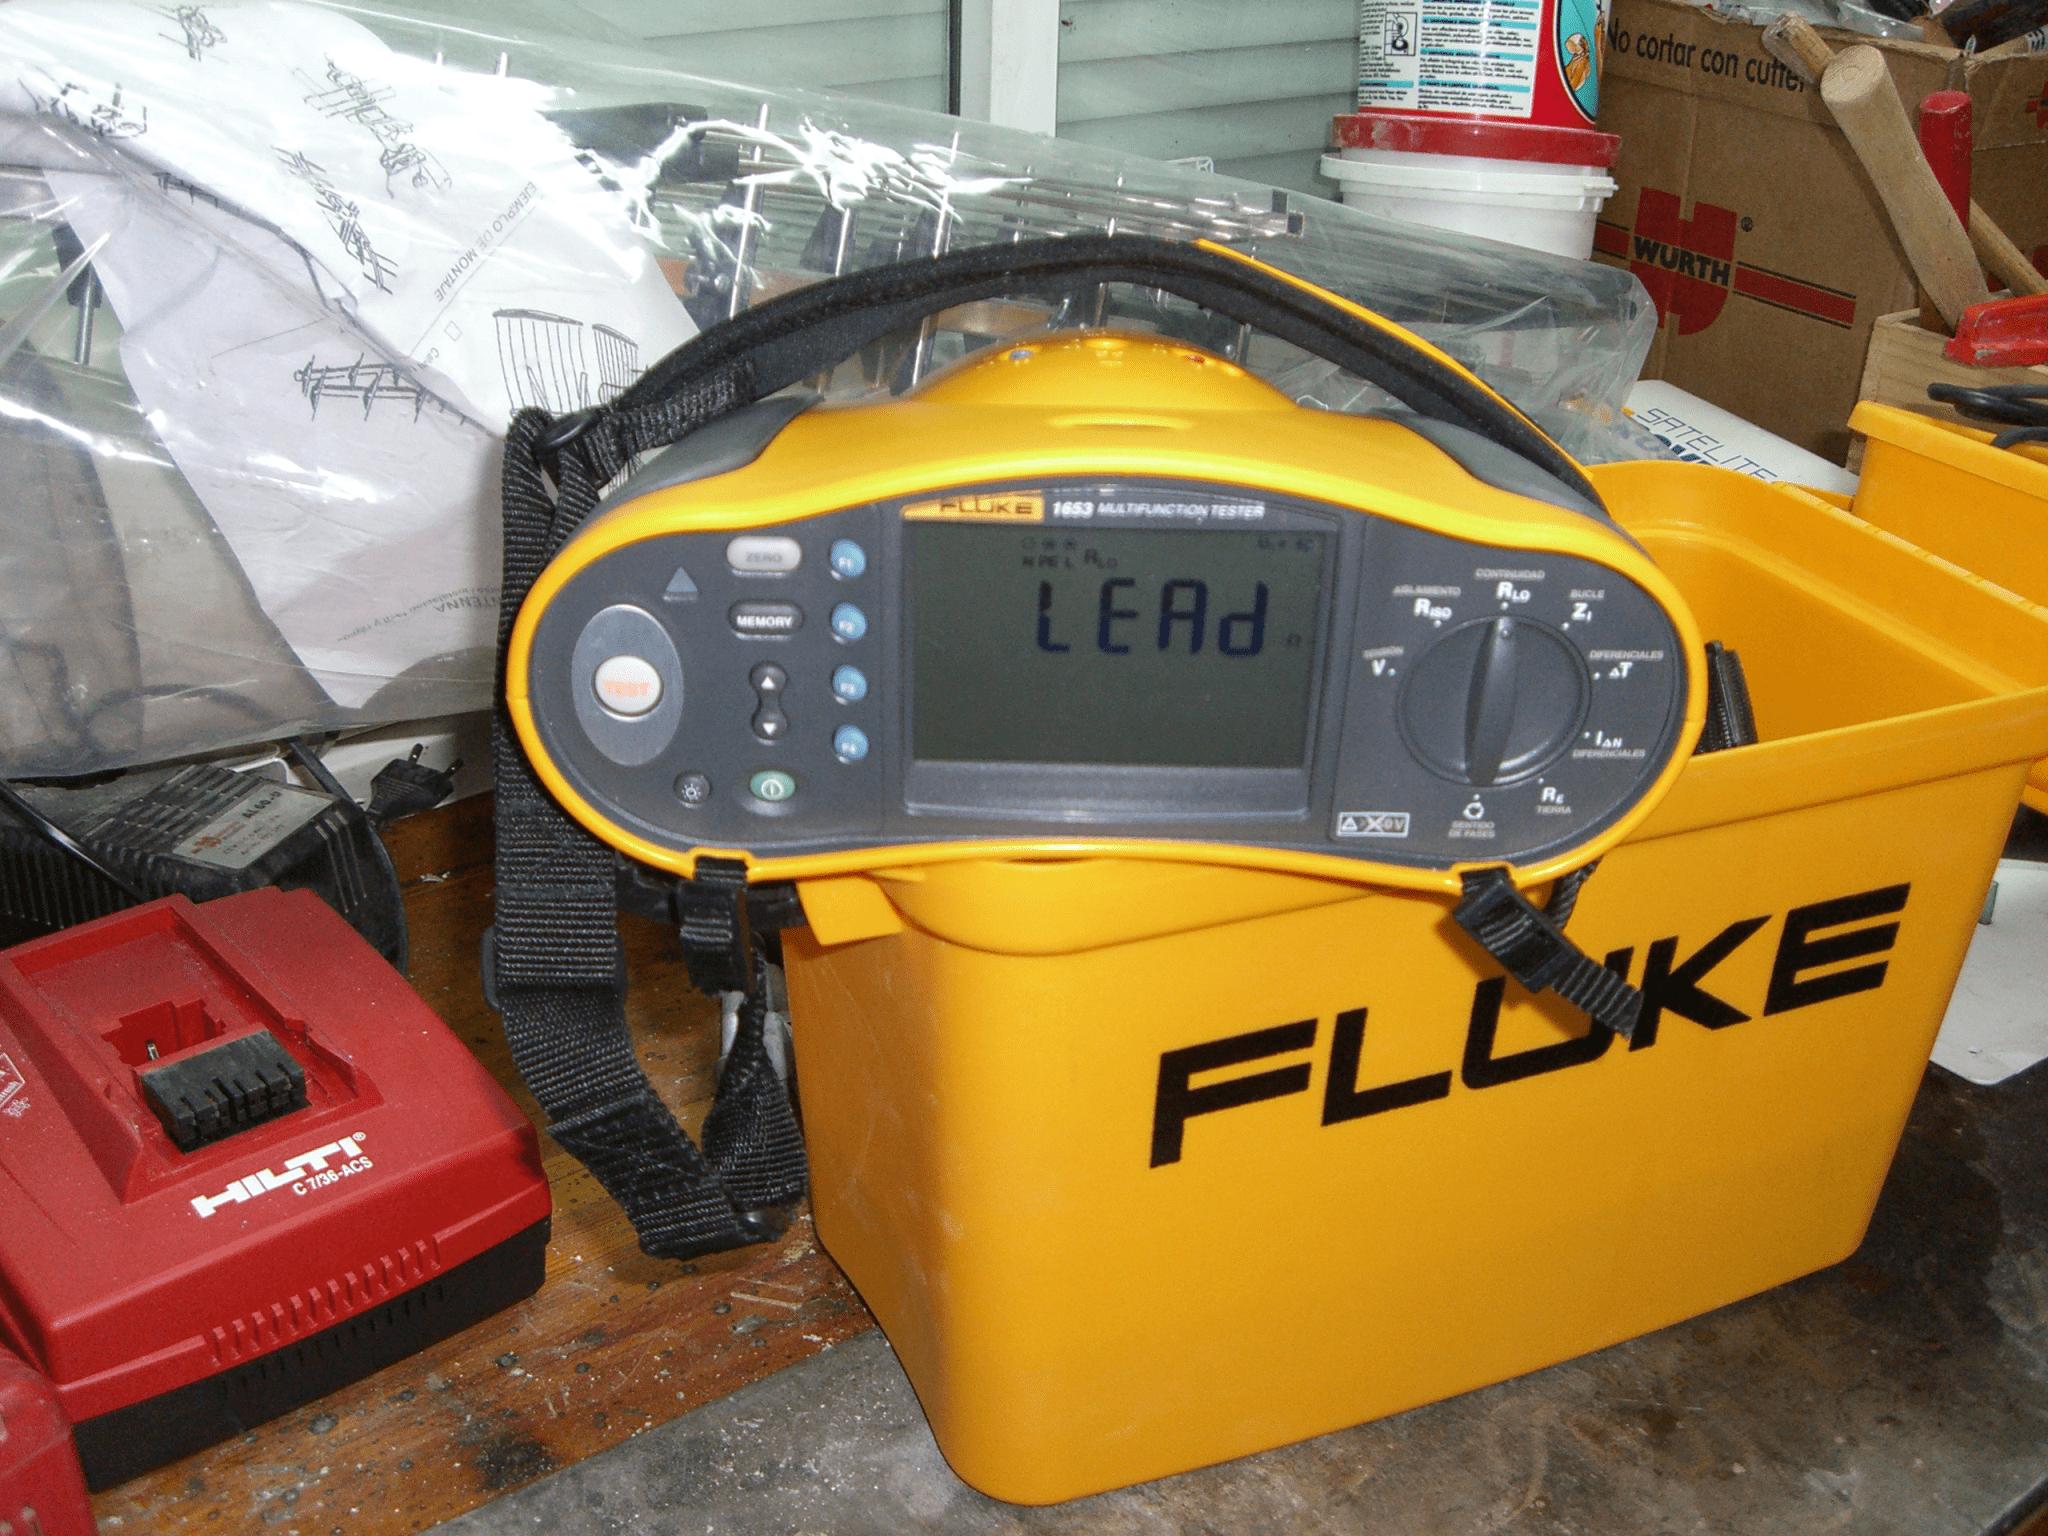 Equipos de medición profesionales de Electricidad J.Bolsa